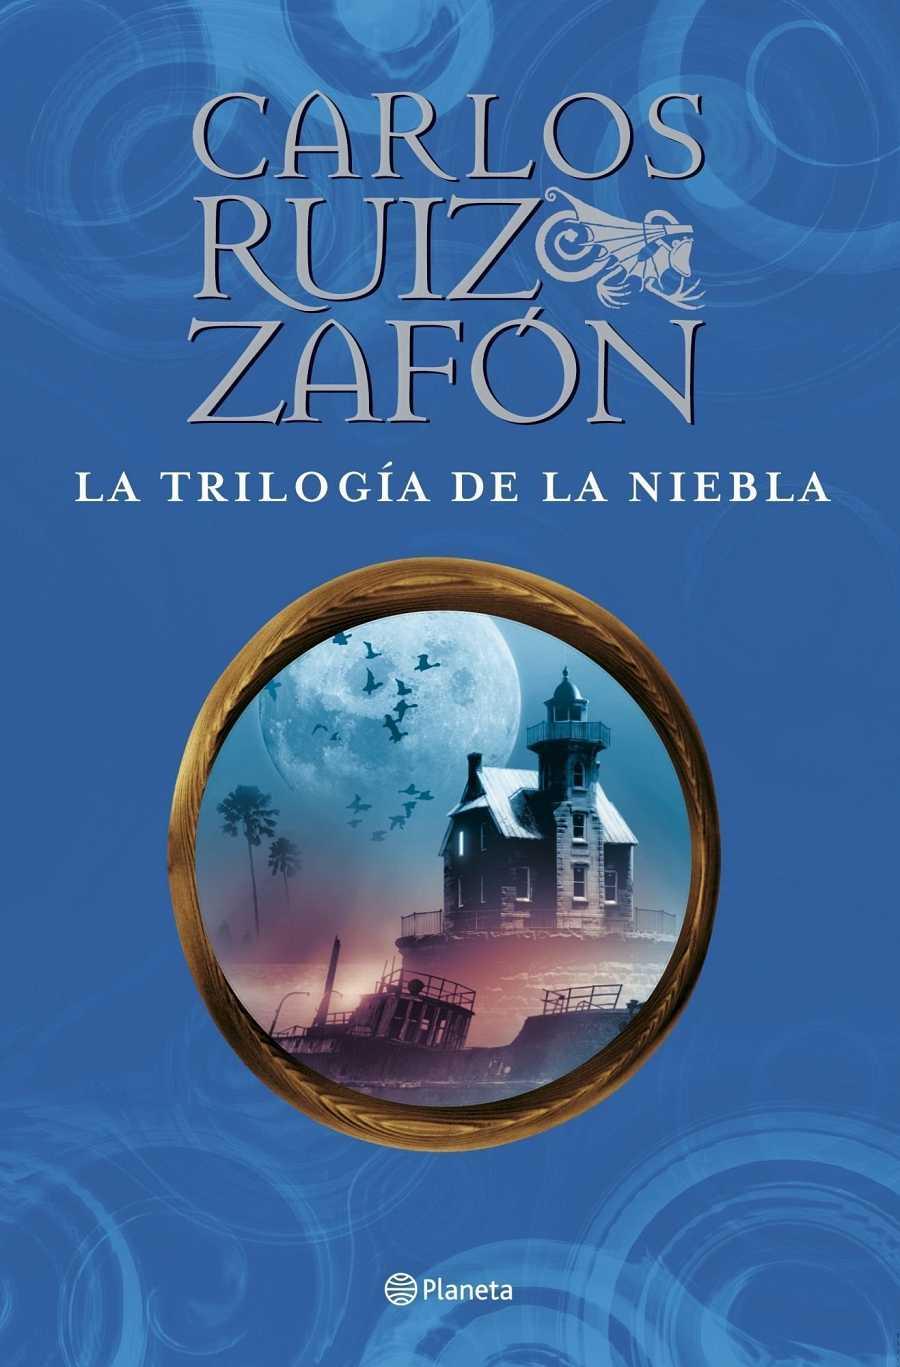 'El príncipe de la niebla', 'El palacio de la media noche' y 'Las luces de septiembre' están editadas por separado y reunidas en un único tomo, 'La trilogía de la niebla'